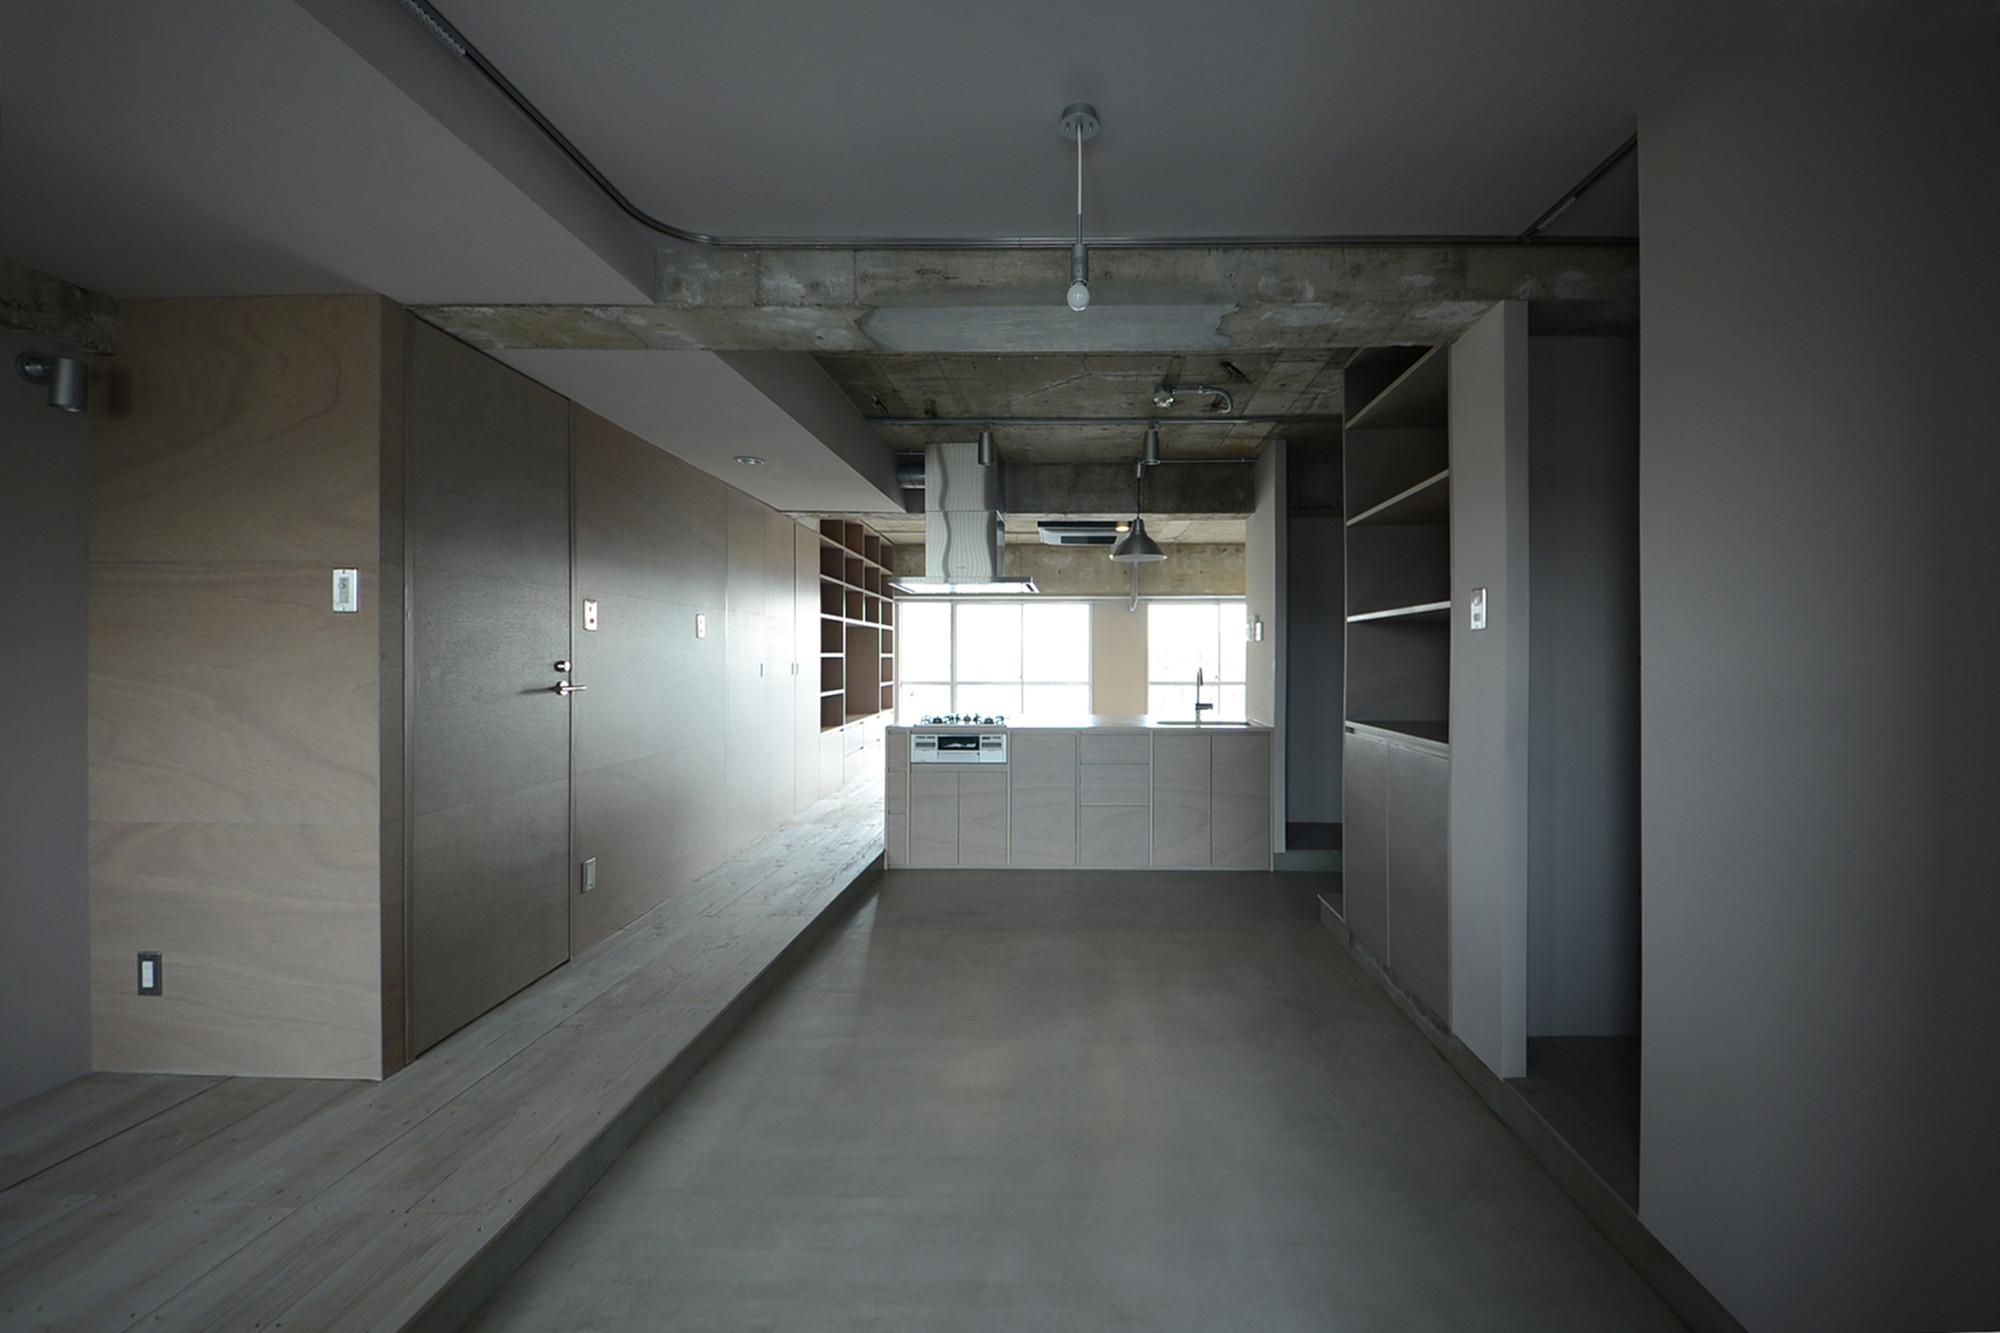 Room S / Yuichi Yoshida & associates